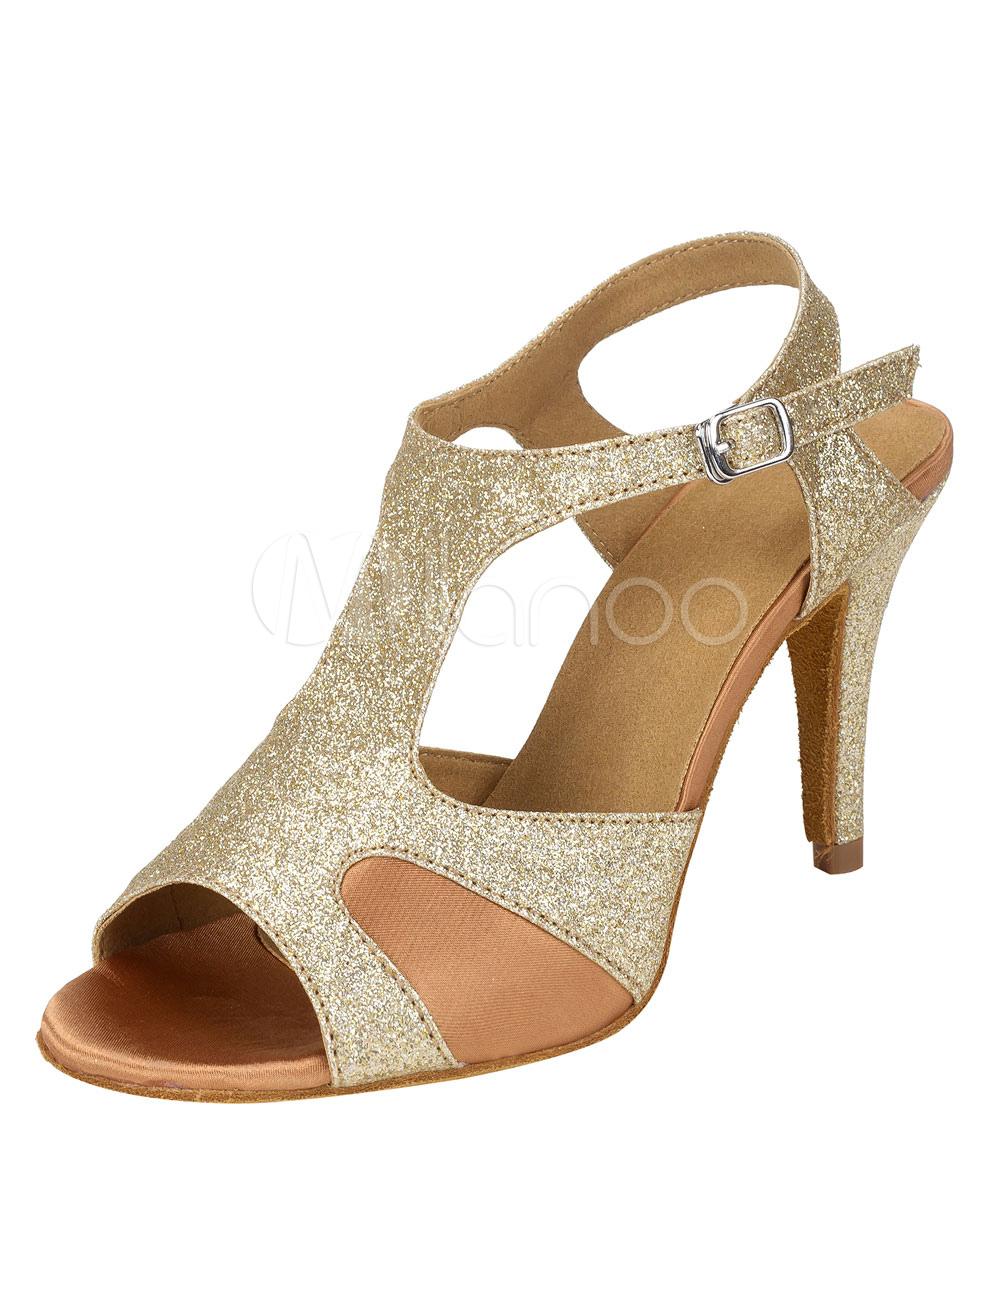 Zapatos de bailes latinos de tela-brillantes de estilo chic KRaGj0